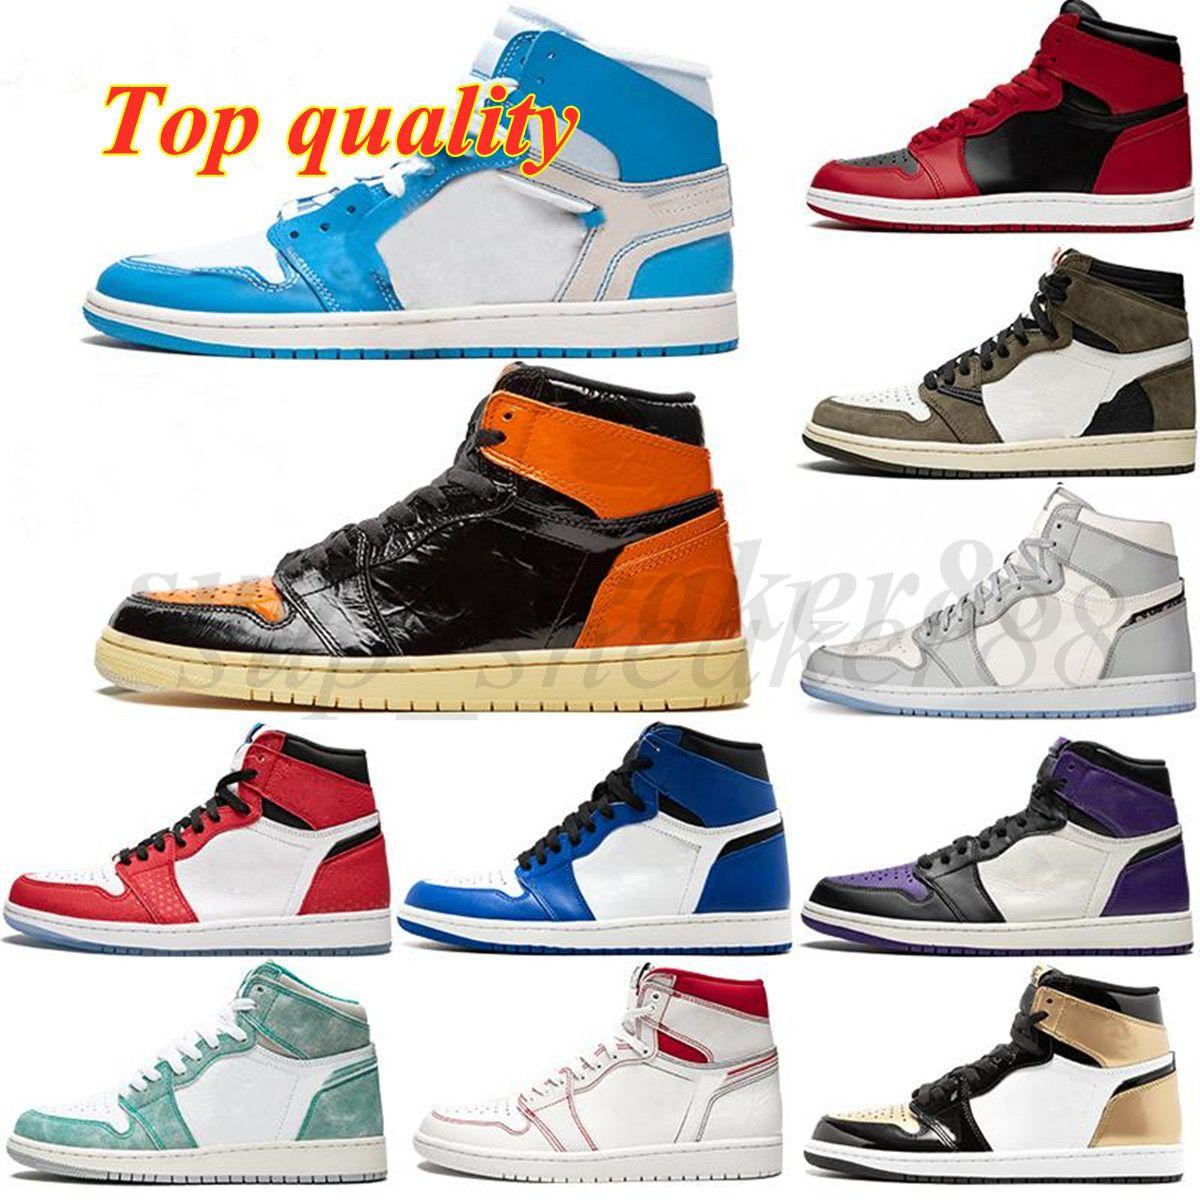 2021 Jumpman 1 1S zapato alto dedo del pie negro No para reventa Hombres Mujeres Zapatos de baloncesto Obsidian UNC WHITE HOMBRES PARA MUJERES PARA MUJERES